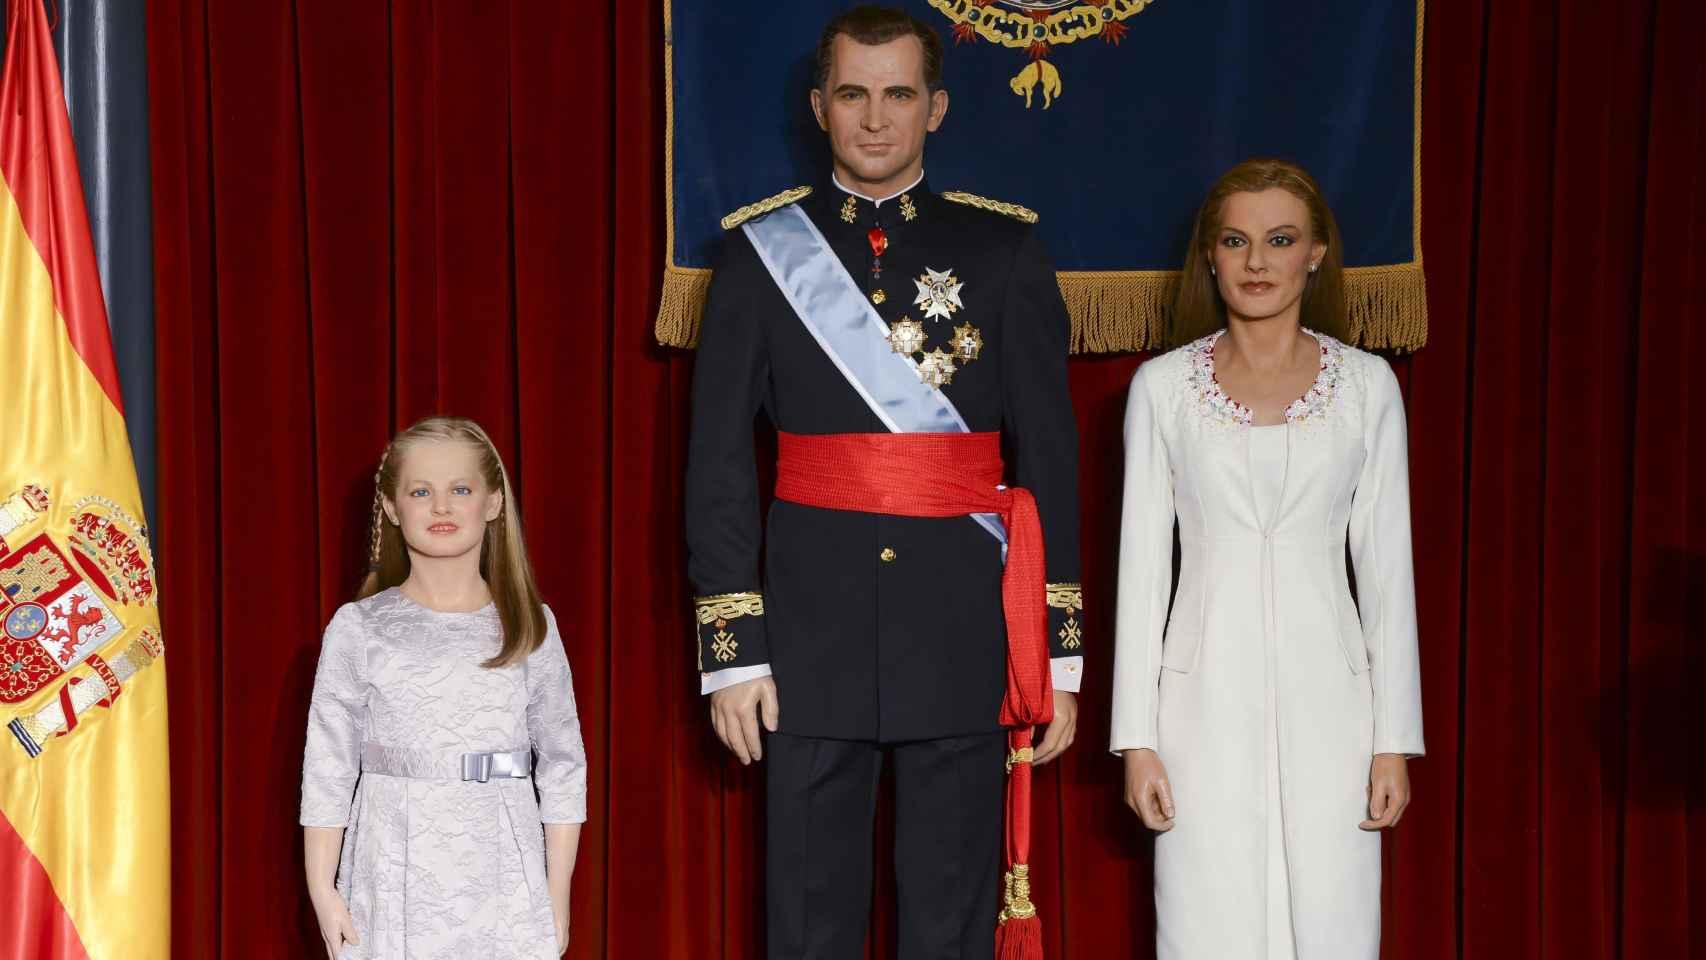 Réplica de los reyes Felipe VI y Letizia con la infanta Leonor